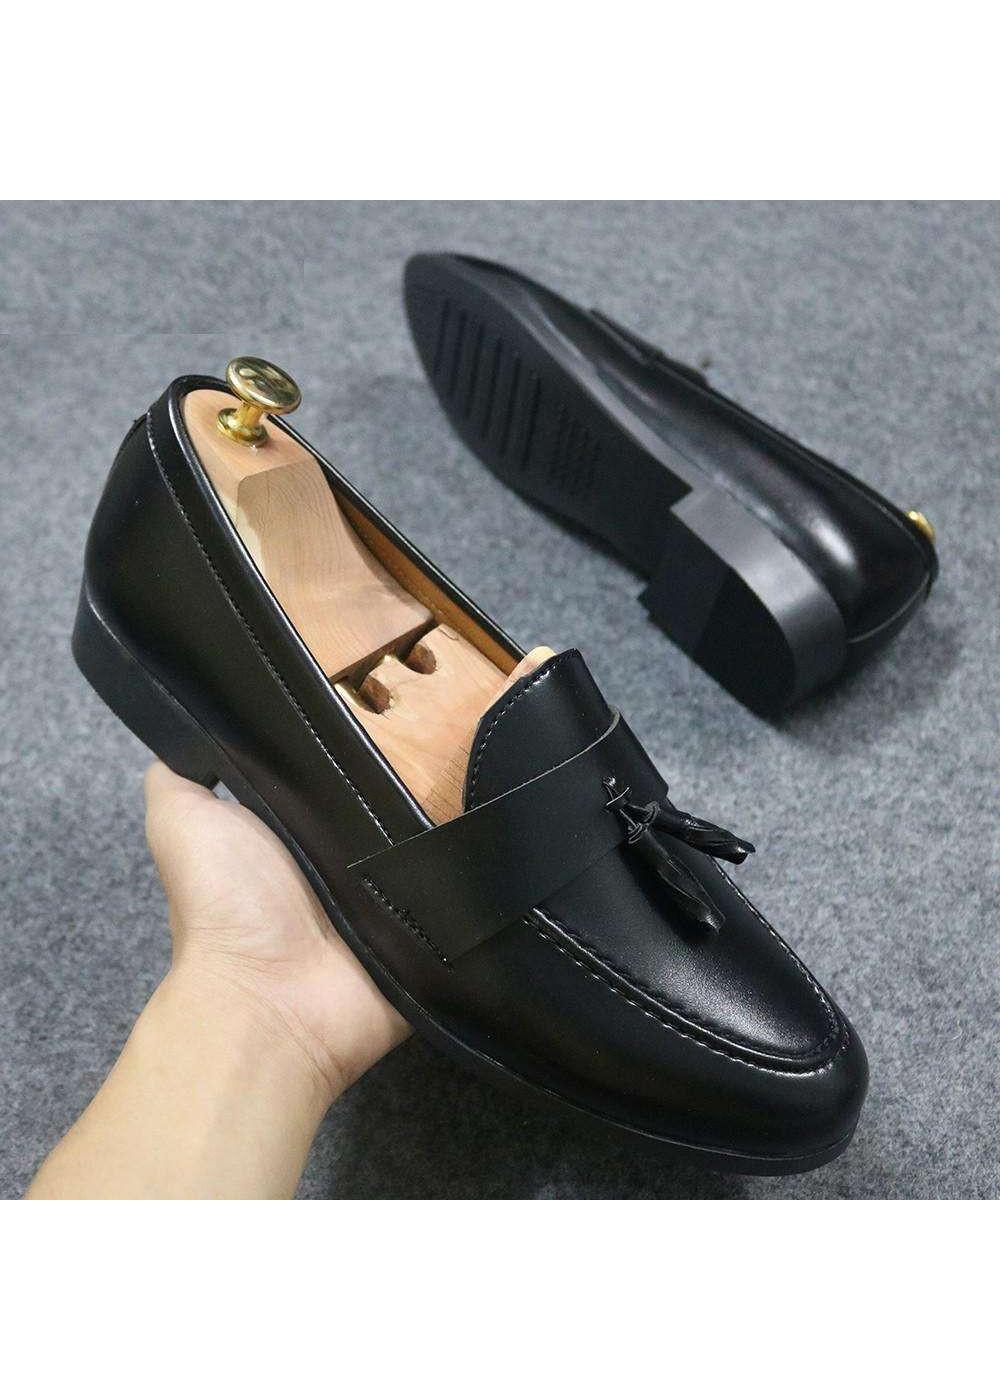 Giày nam kiểu hàn quốc chuông nơ màu đen